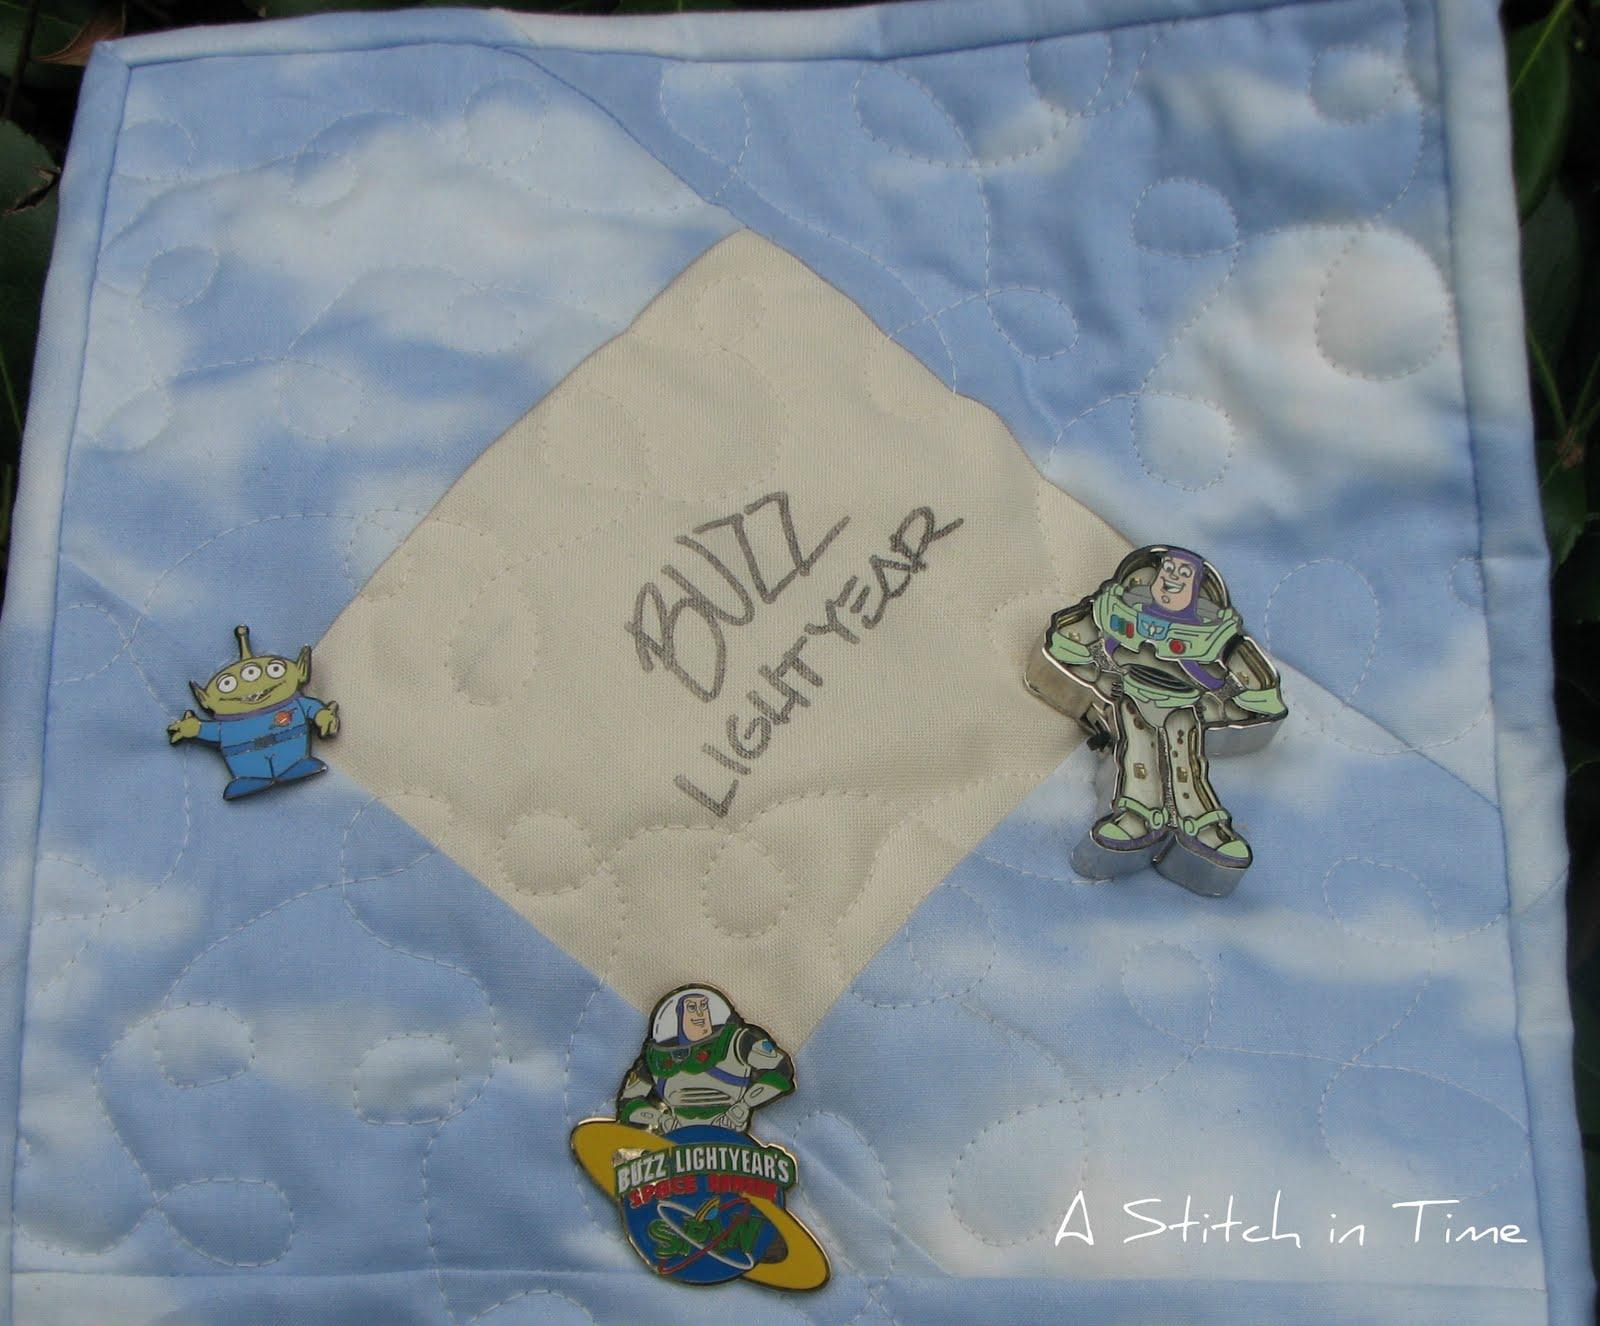 http://2.bp.blogspot.com/-1_aq7ff6BHU/TiMm7CVc0GI/AAAAAAAABBU/zlR8-6UjV2s/s1600/stitchtime19.jpg